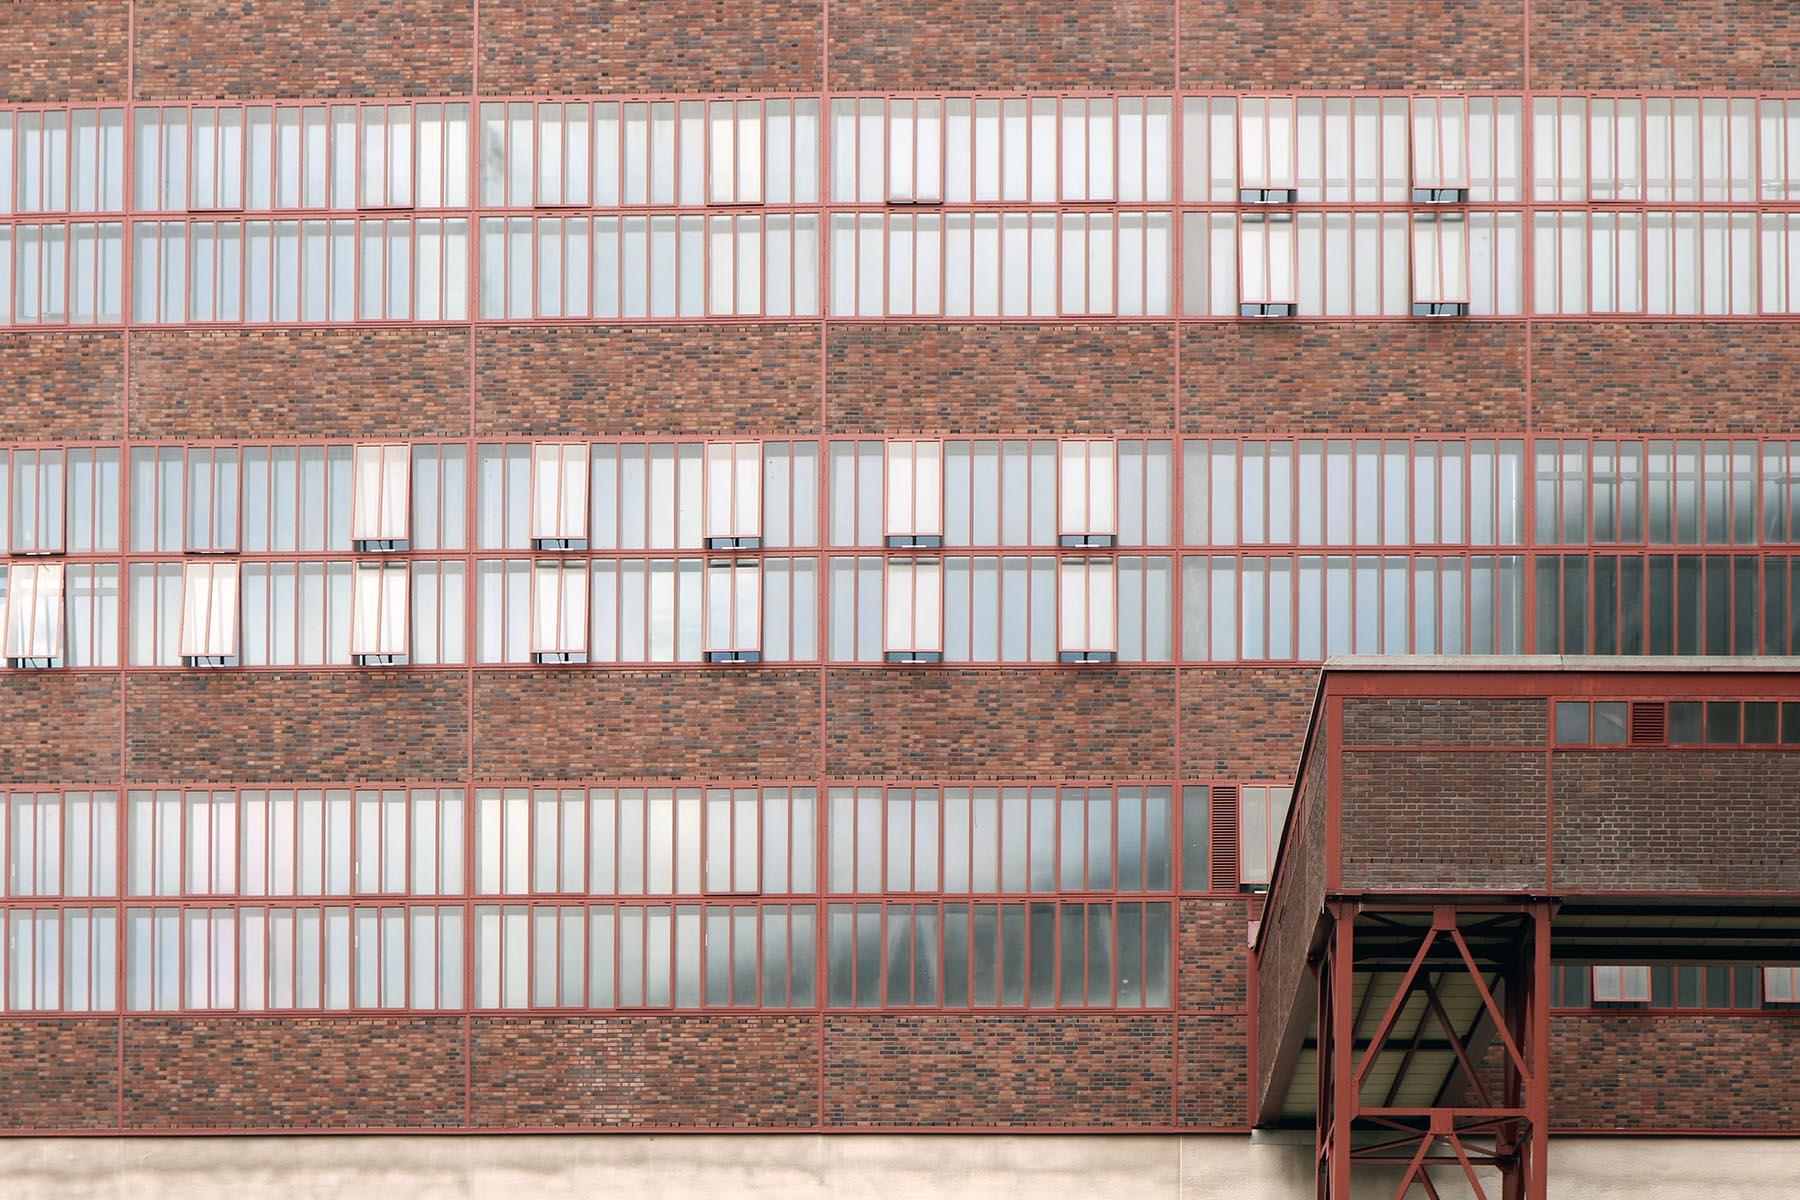 Zeche Zollverein. Mit Klinkern ausgefachtes Stahlfachwerk